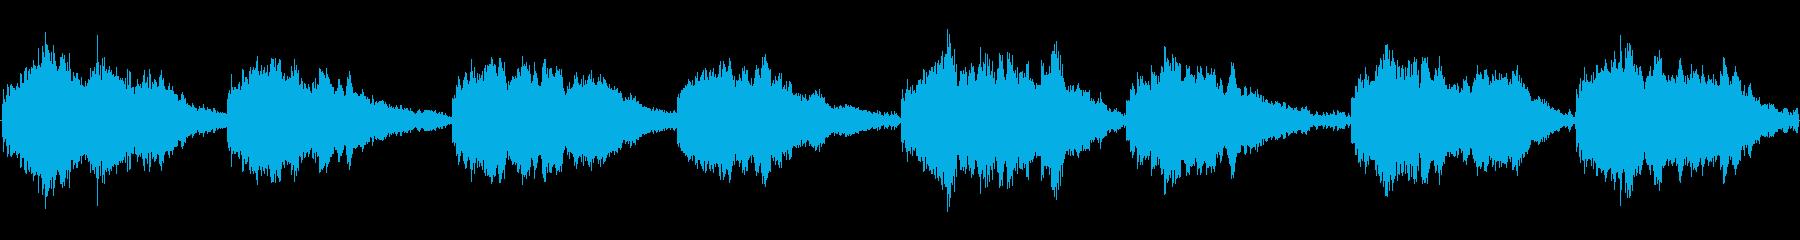 テクノ暖かい神秘ループの再生済みの波形